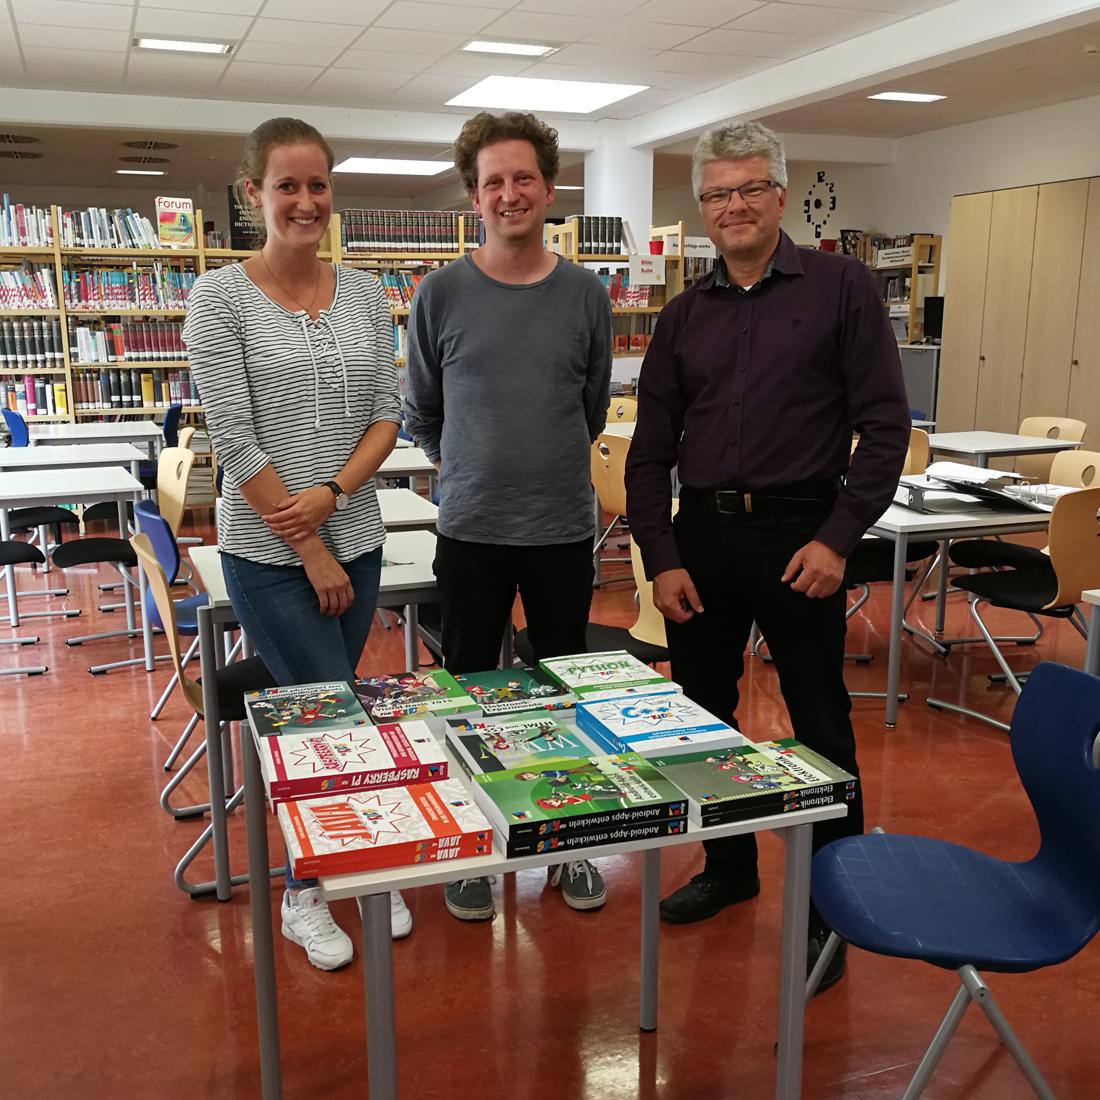 """Die Initiative """"Junge IT"""" versorgte die Schulbibliothek mit neuer Enfuehrungslektuere zur Informatik."""